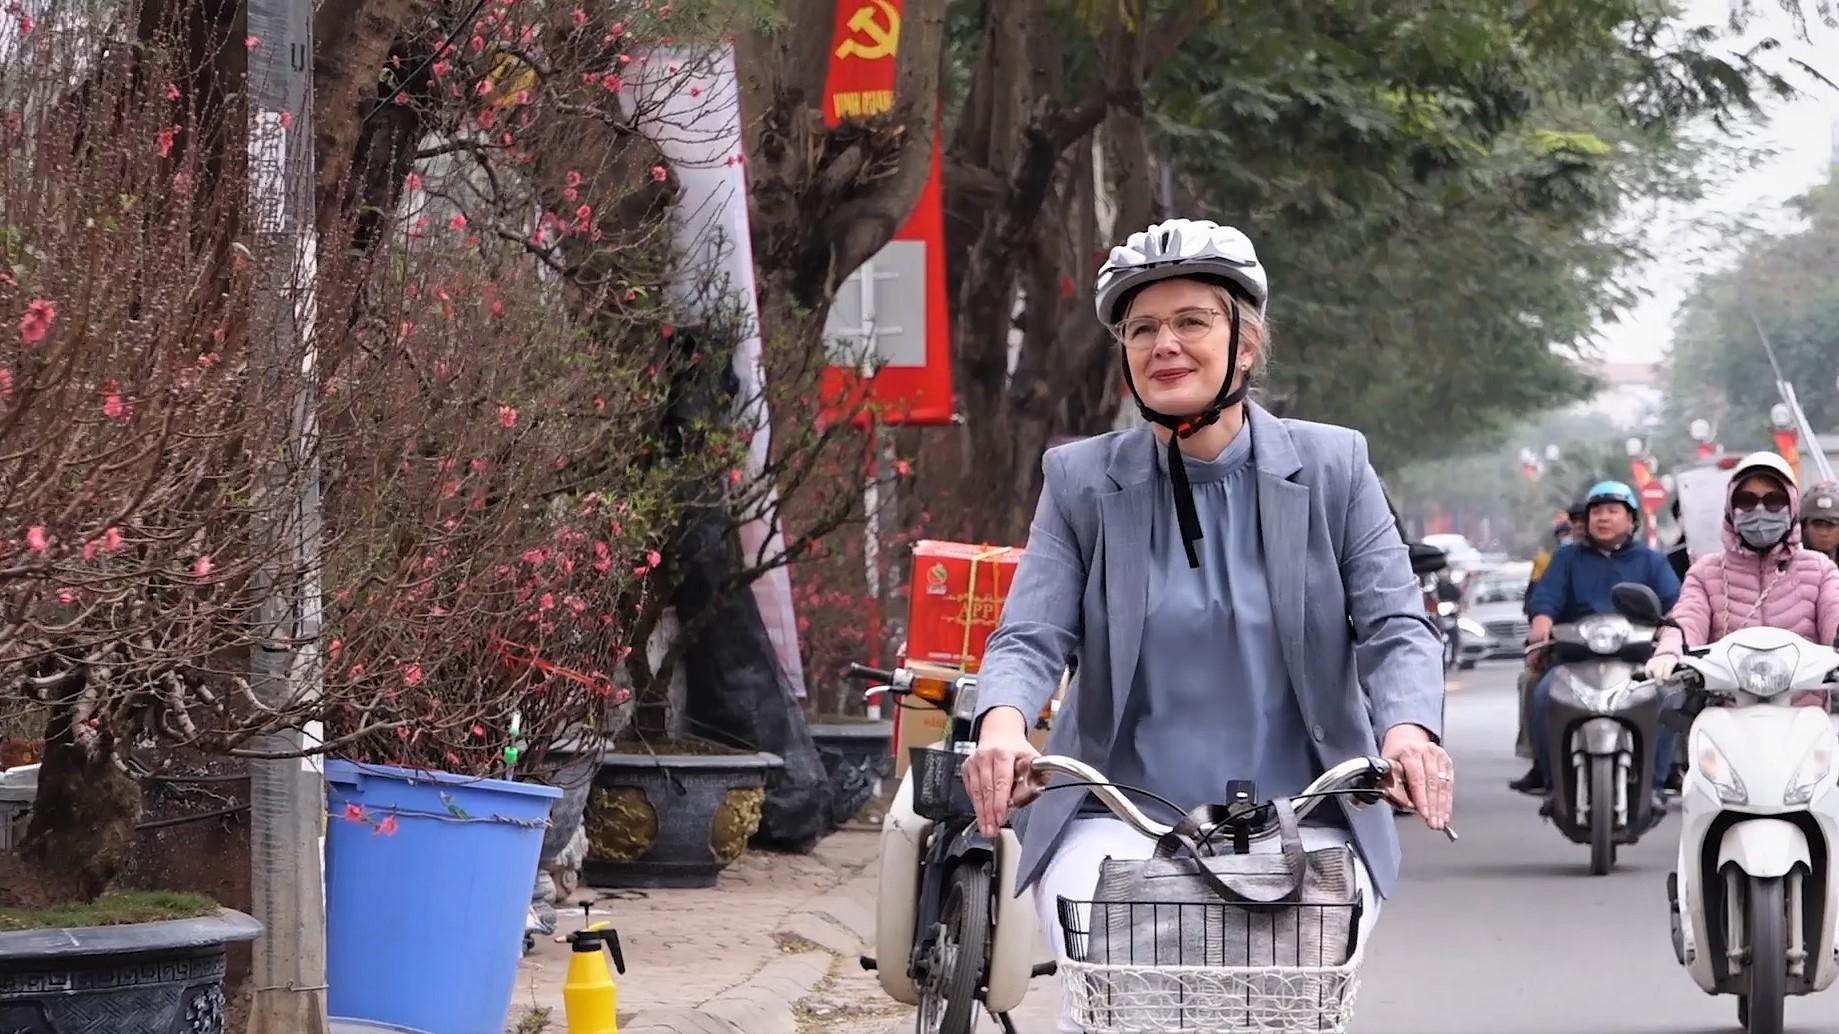 Đại sứ Thụy Điển nhặt rác, đạp xe trên phố Hà Nội